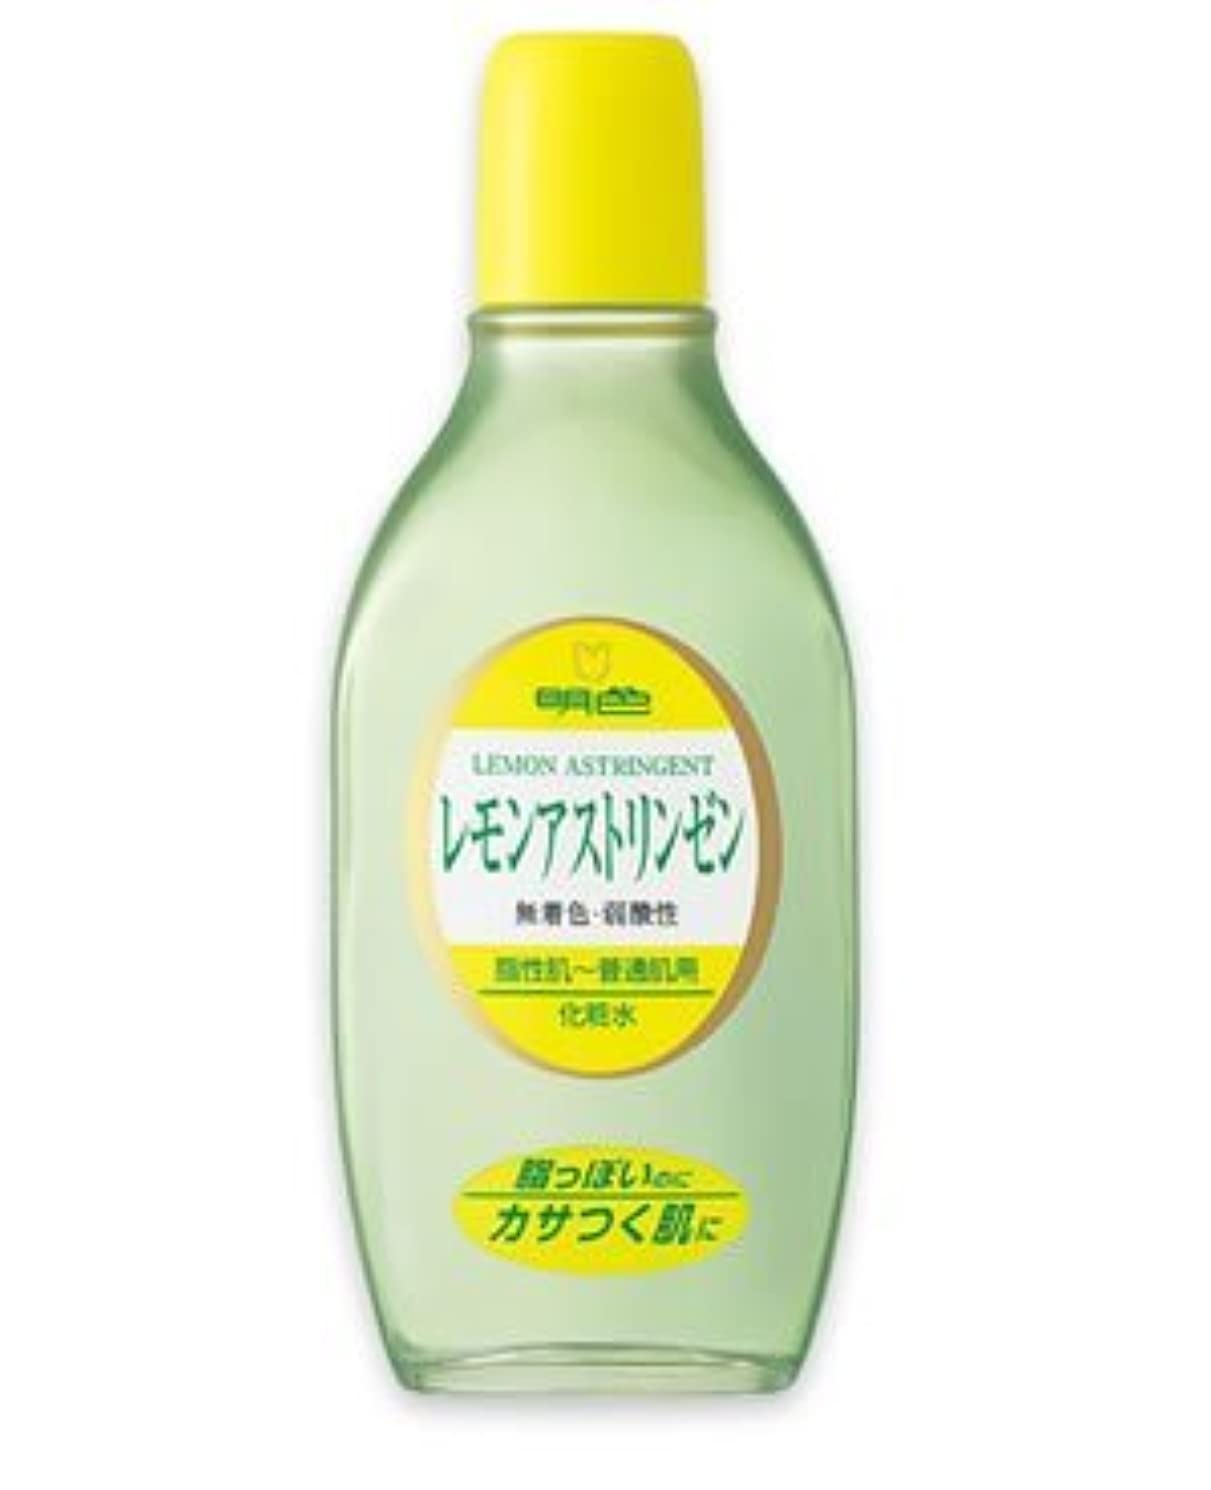 いわゆる関税ハチ(明色)レモンアストリンゼン 170ml(お買い得3本セット)